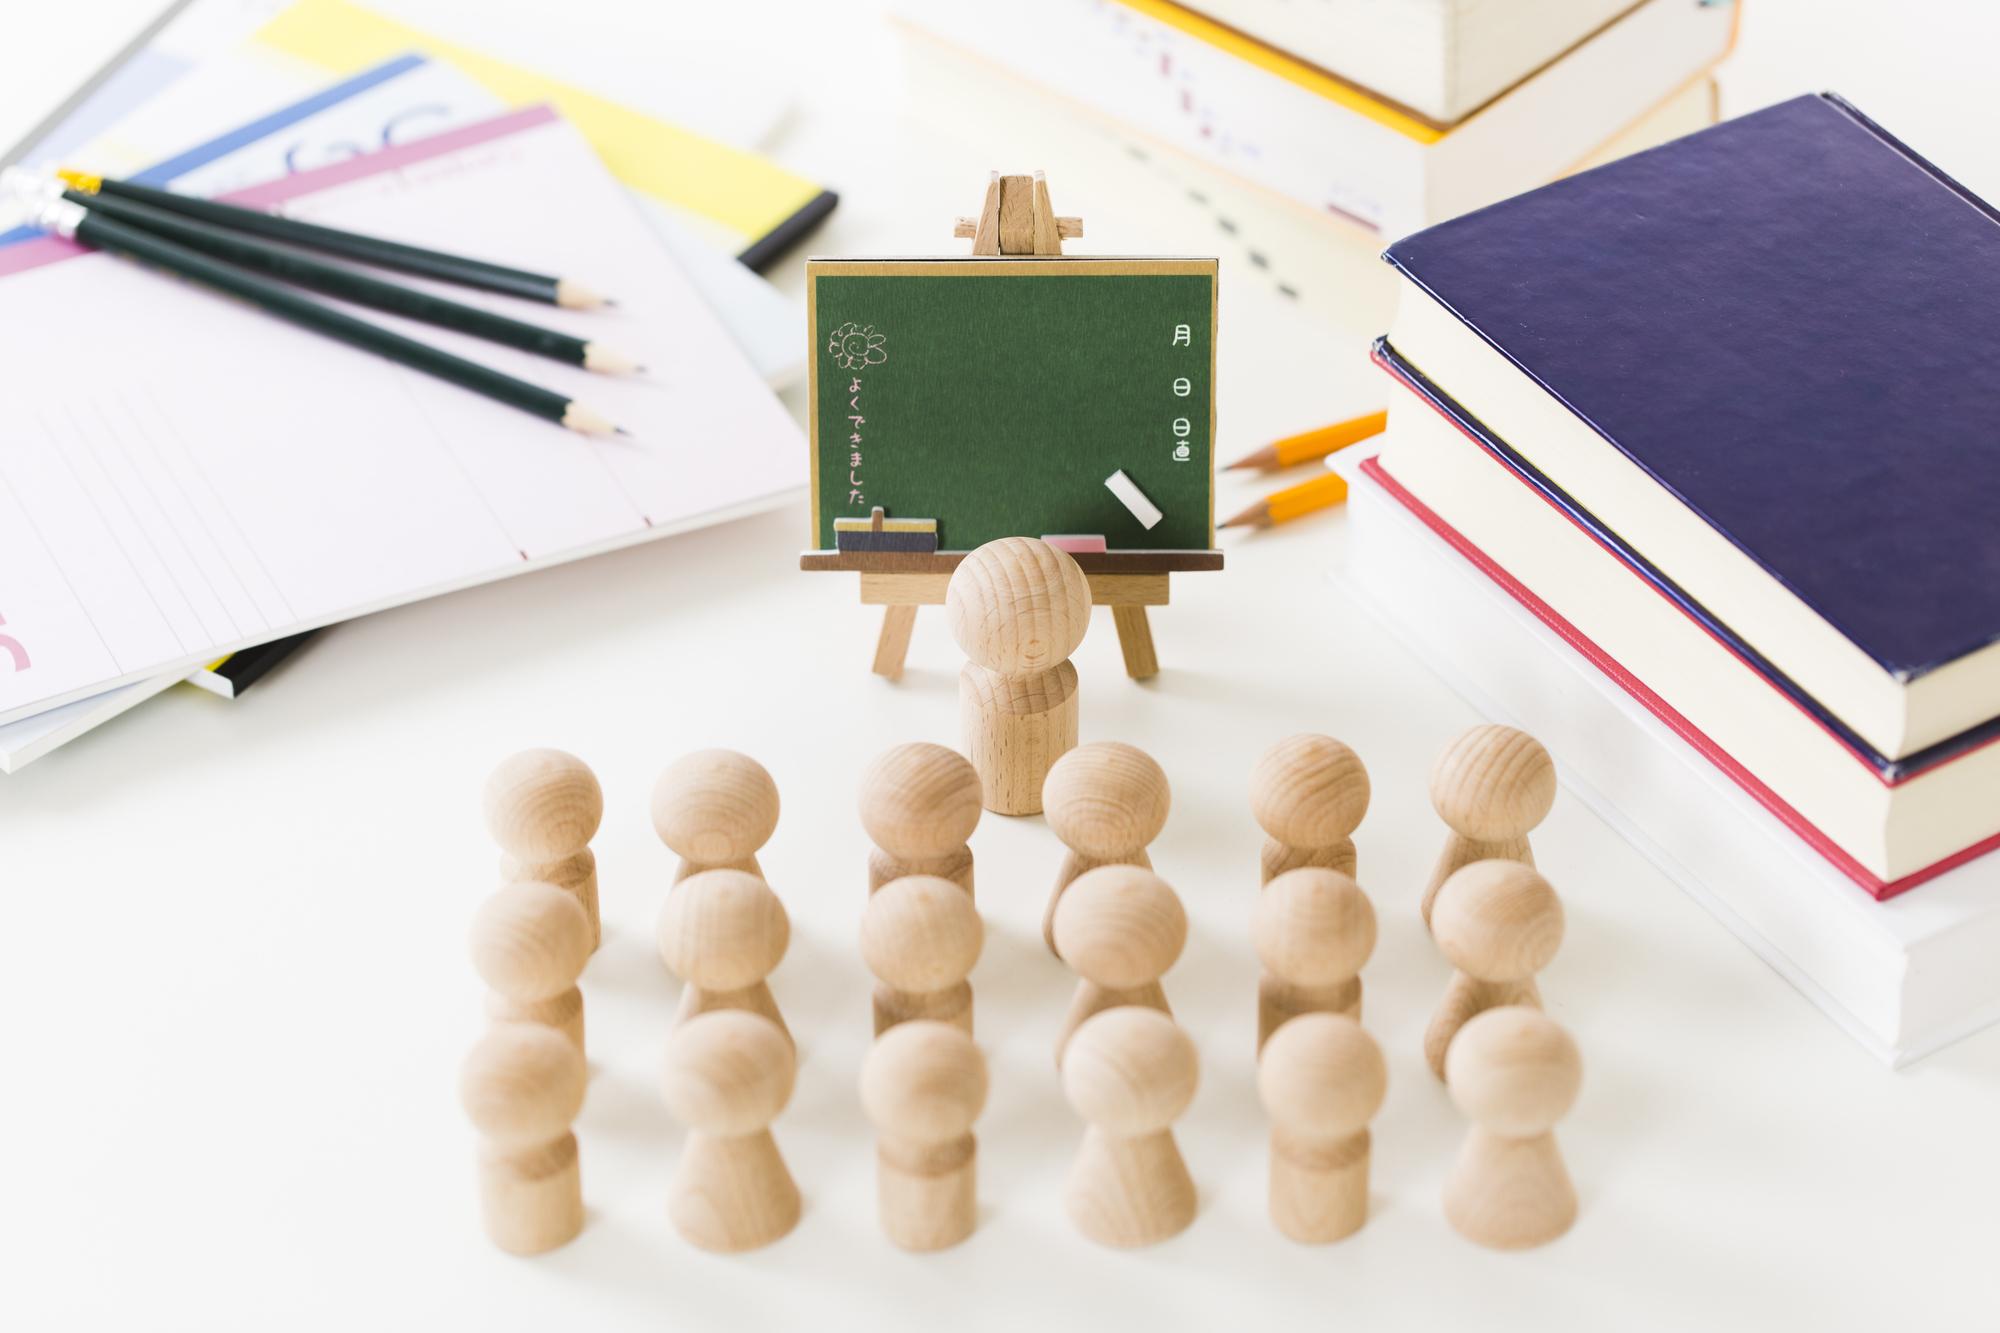 赤本や参考書は専門買取業者で高く売れる!?学習本の処分に困った人におすすめの方法!